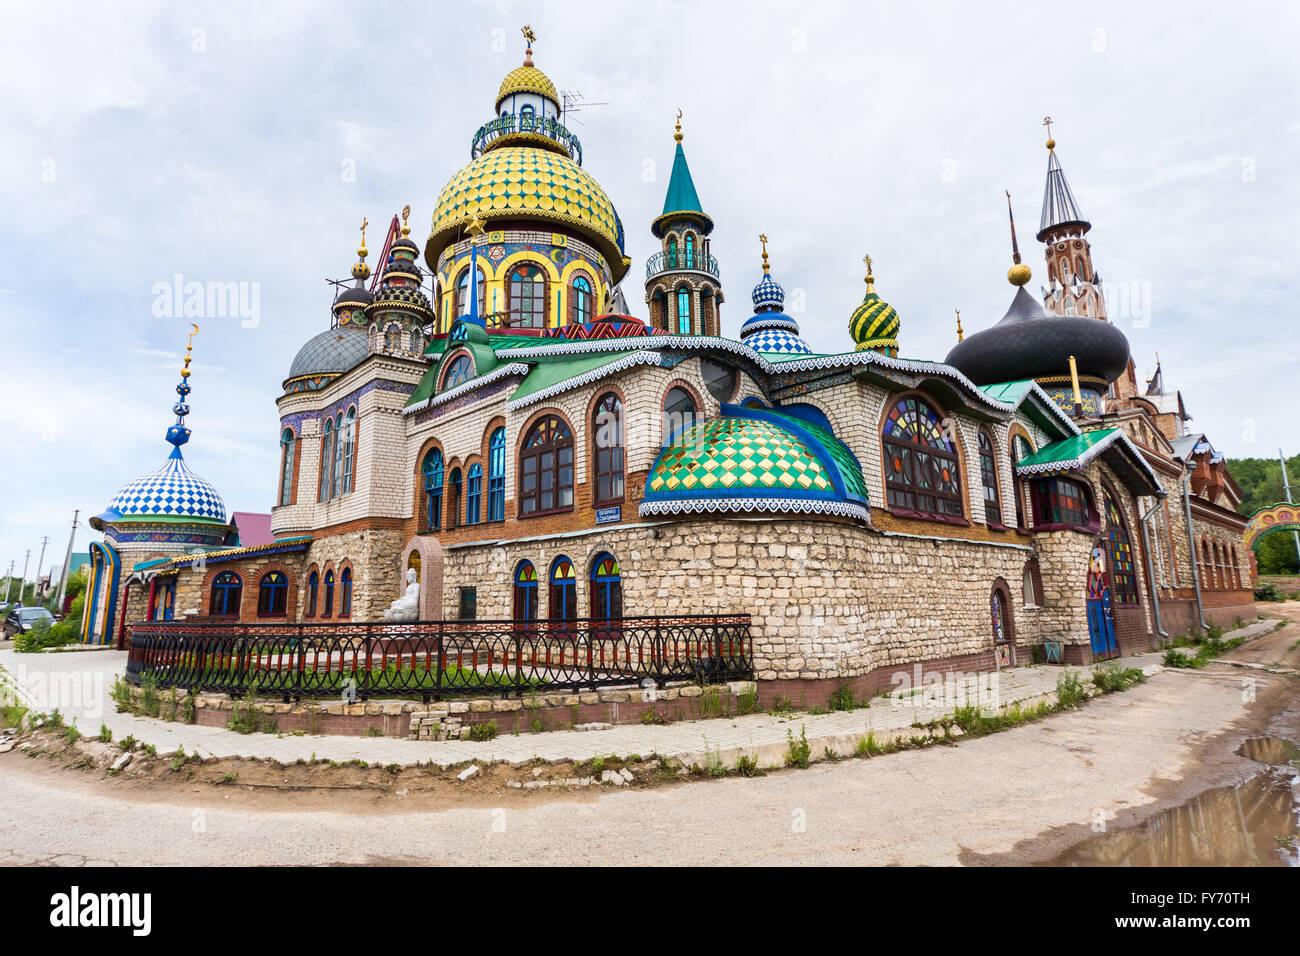 Tempel aller Religionen, Kazan, Russland Stockbild